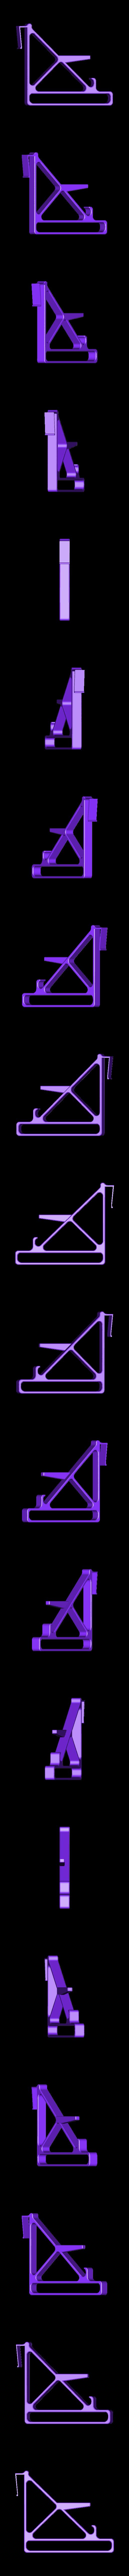 Frame_2.stl Télécharger fichier STL gratuit Perchoir à oiseaux (crochet sur la porte de l'armoire) • Modèle imprimable en 3D, ShockyBugs